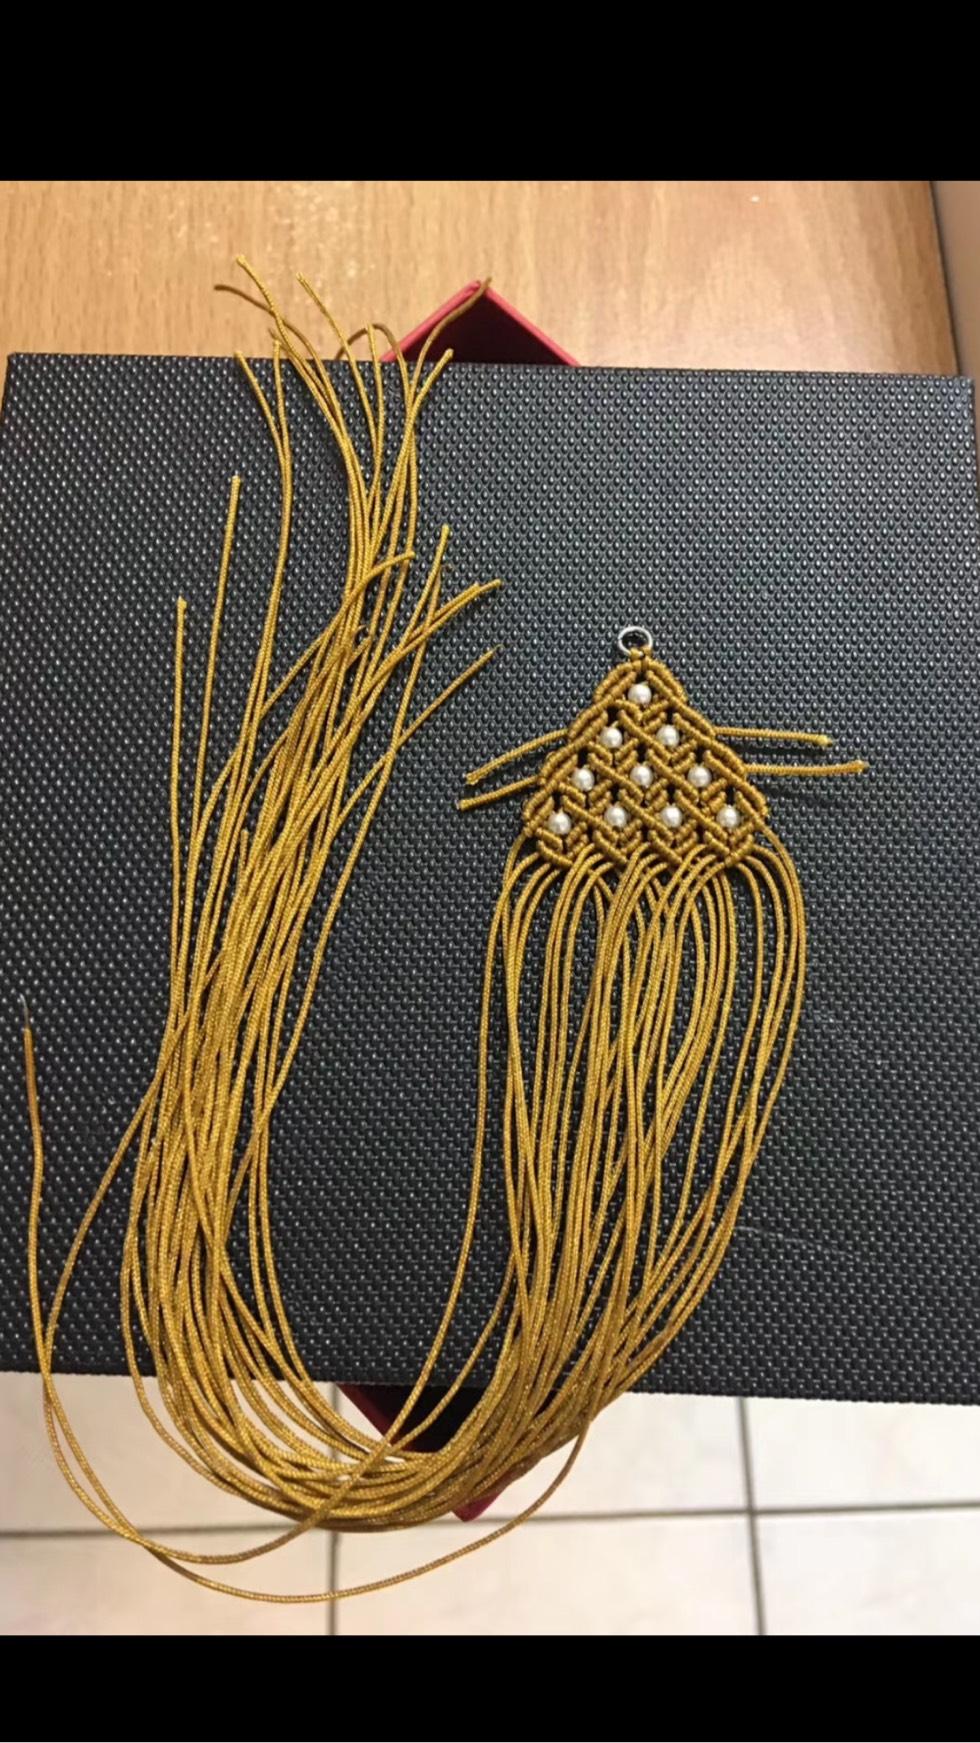 中国结论坛 耳饰 耳饰的材质分哪些,适合耳饰的朋友圈文字,耳环饰品知识,耳环的美好寓意,耳环的销售话术 作品展示 052916p3j1jshi3rpo4ak2